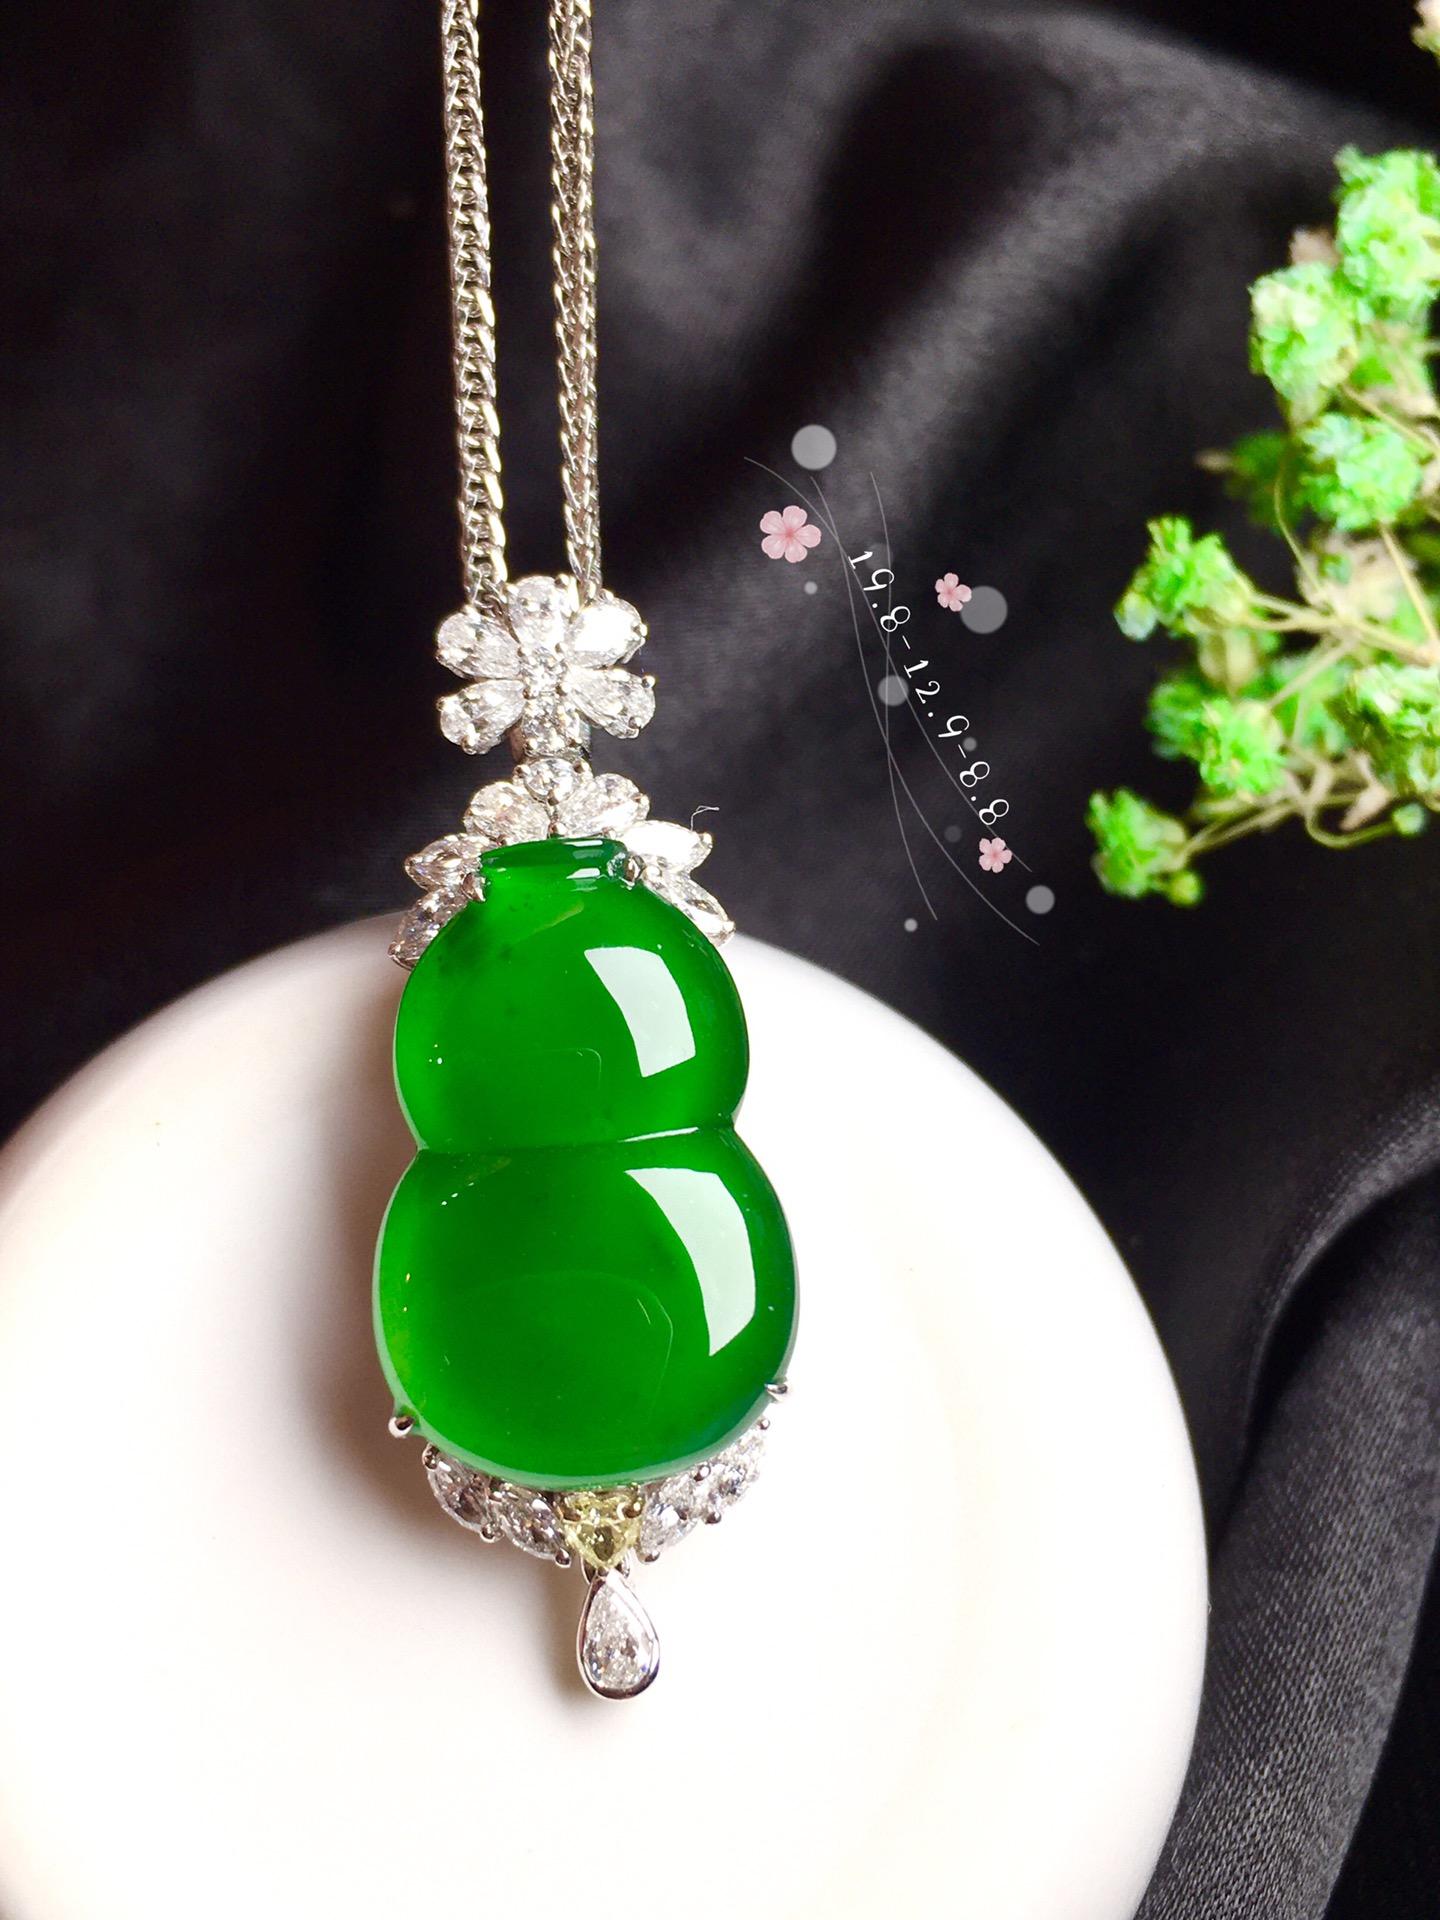 【葫芦,冰正阳绿】通透,润水细腻,完美,18k金华奢钻镶石嵌☕